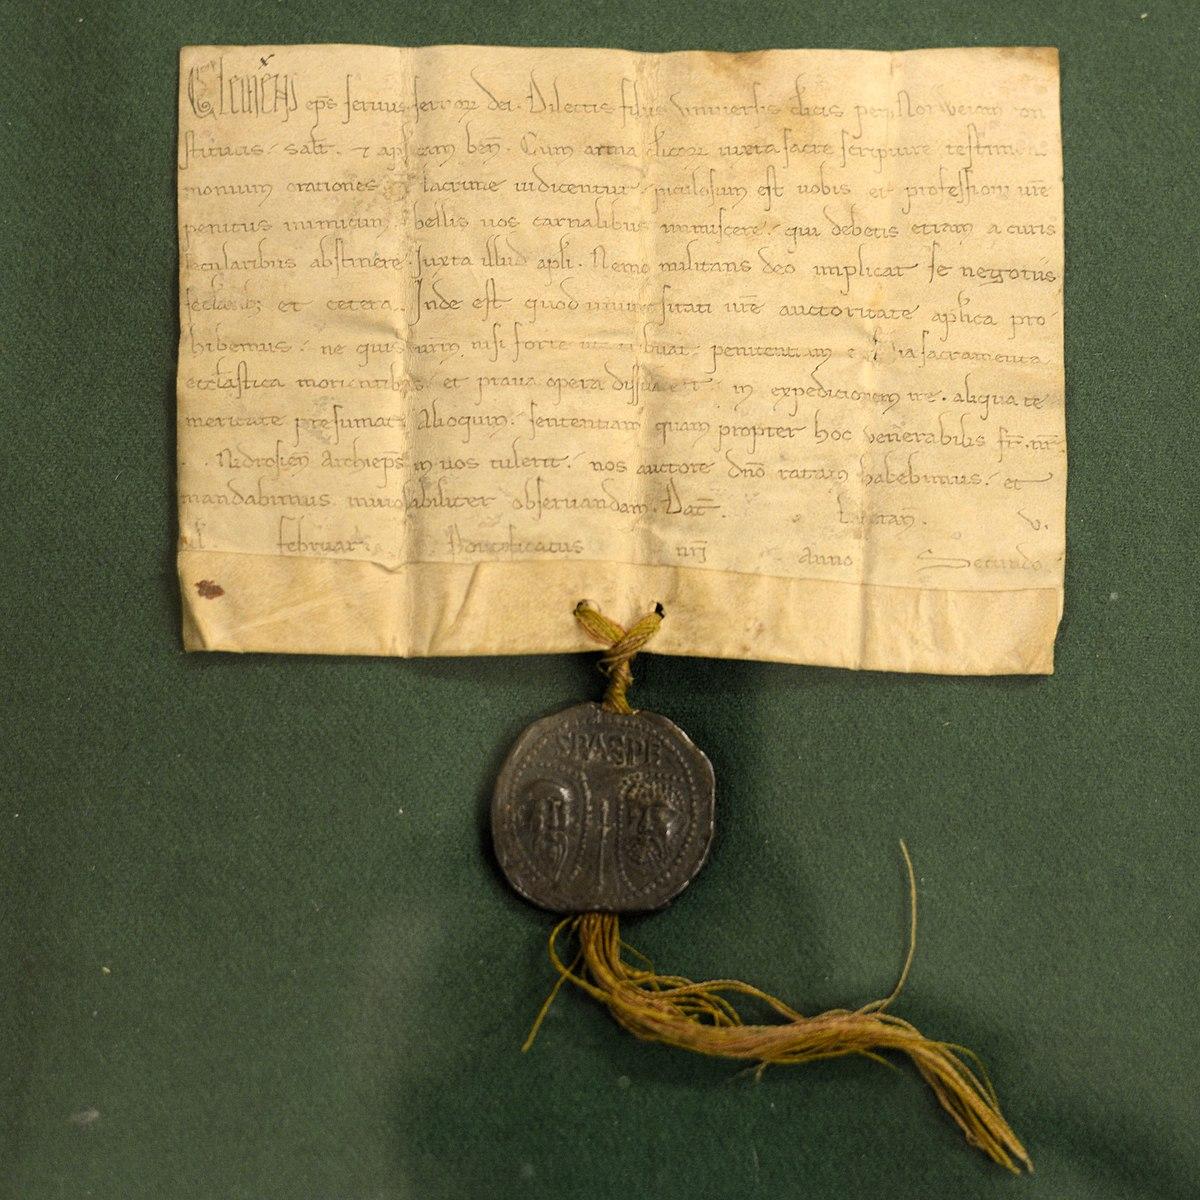 exempel på første társkereső brev intj entj társkereső